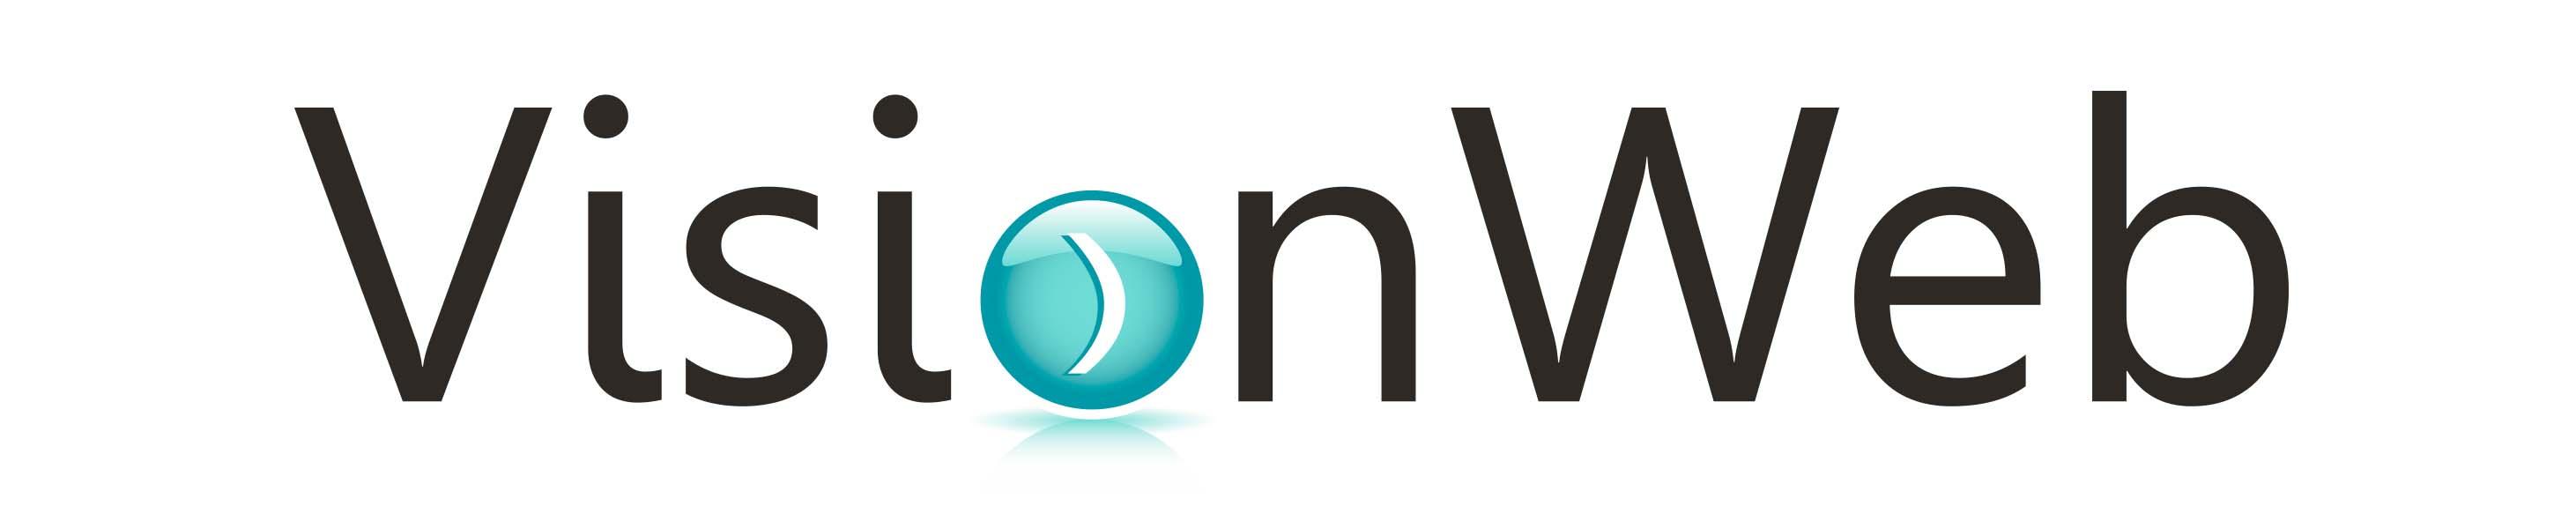 VisionWeb Team